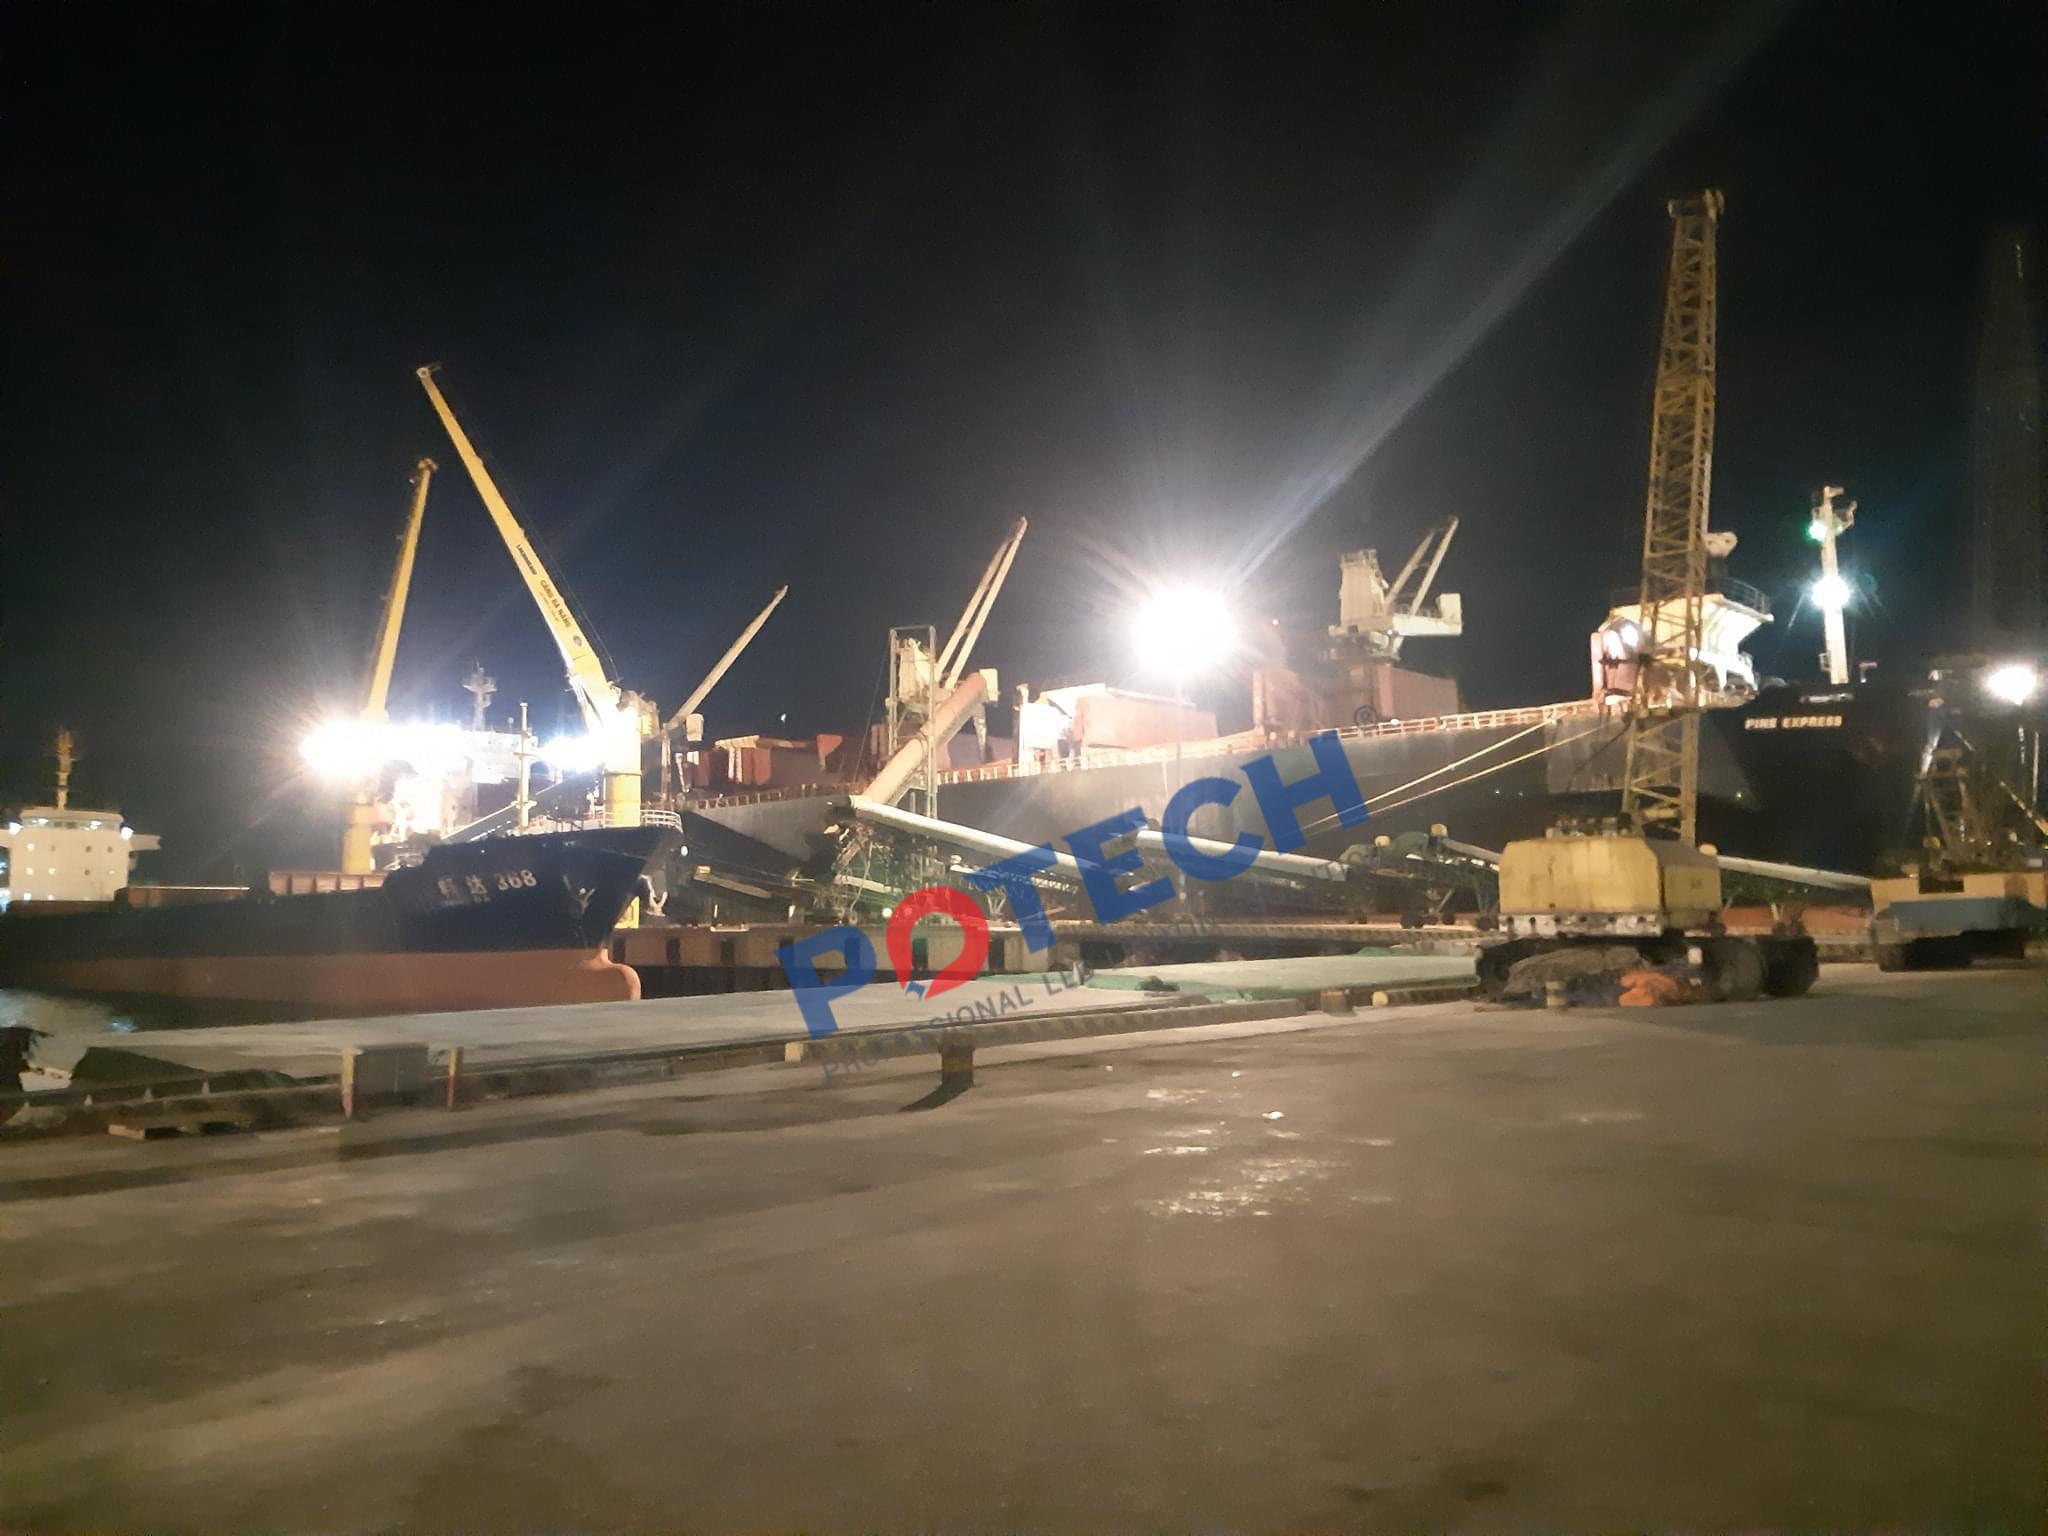 Đánh giá hệ thống chiếu sáng và môi trường cảng Vancover